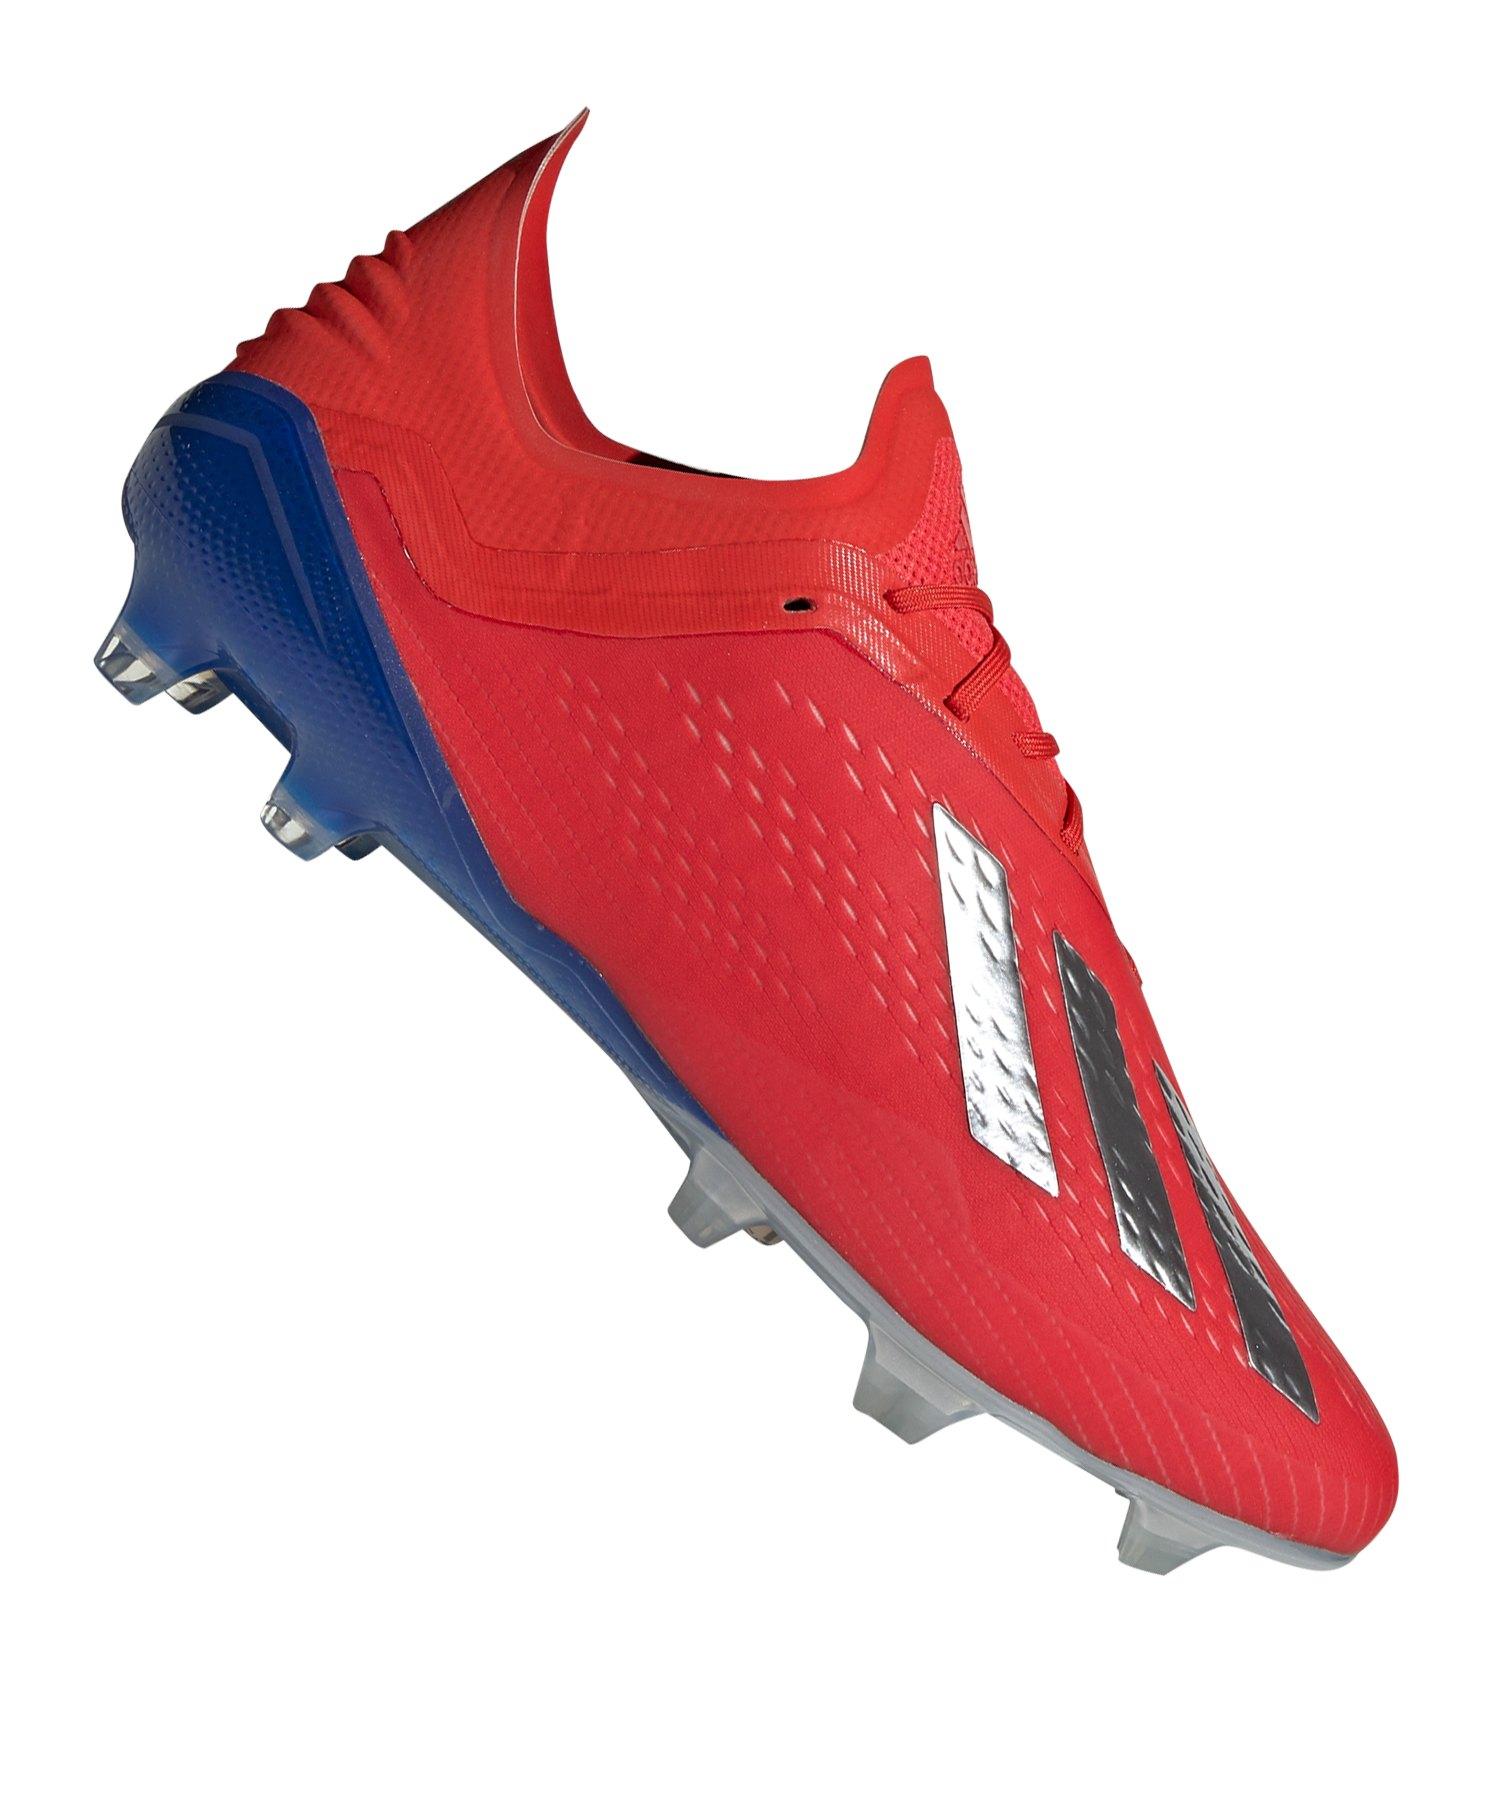 adidas X 18.1 FG Rot Blau - rot